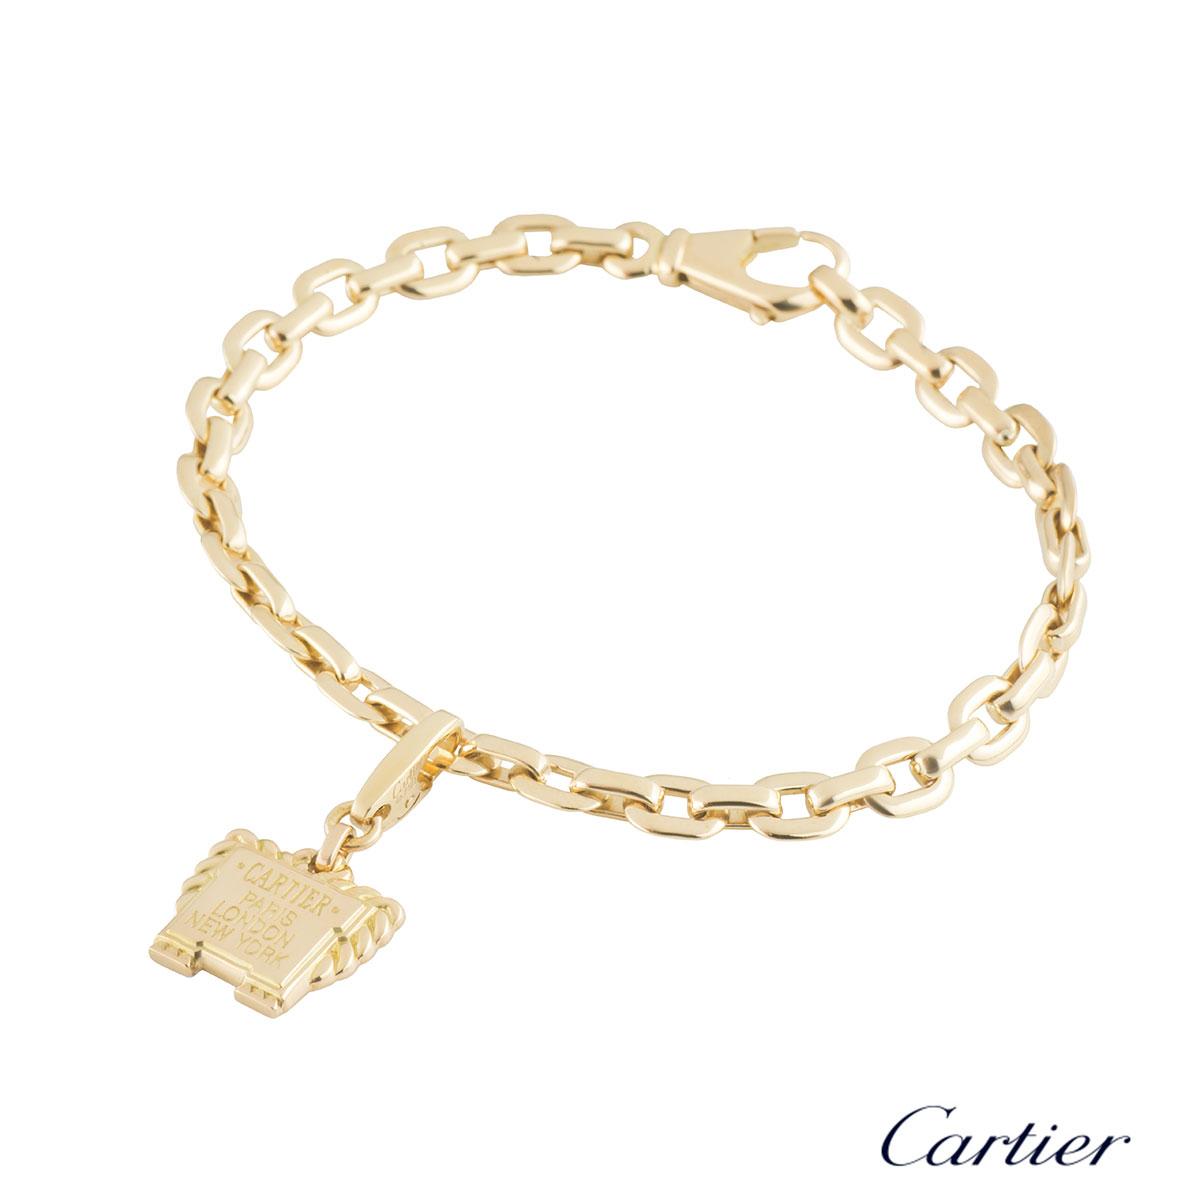 Cartier Charm Bracelet